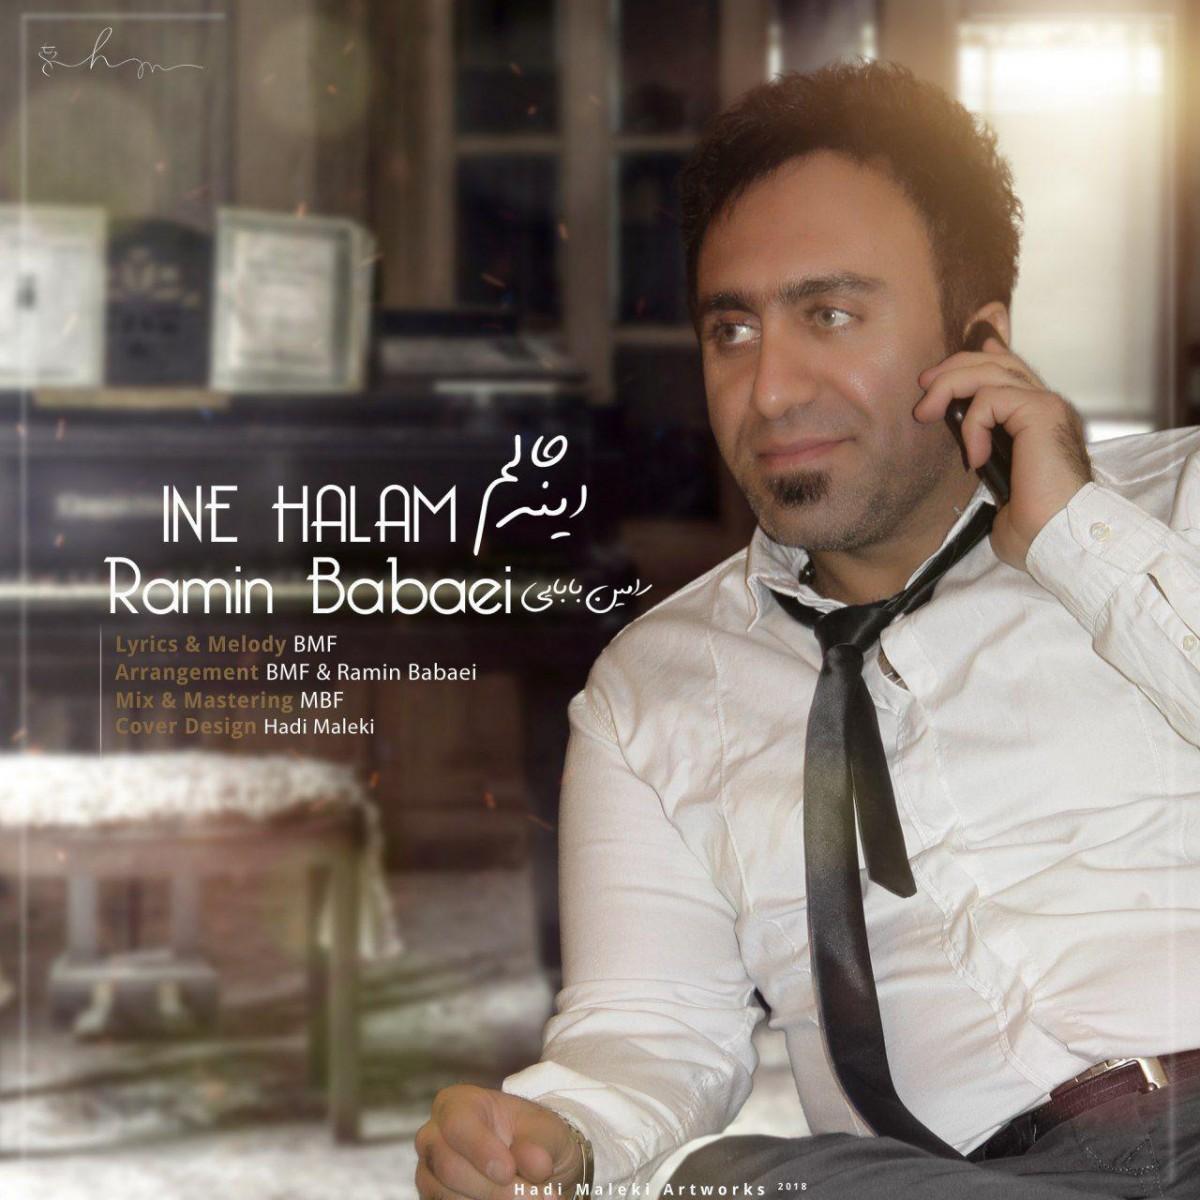 نامبر وان موزیک | دانلود آهنگ جدید Ramin-Babaei-Ine-Halam